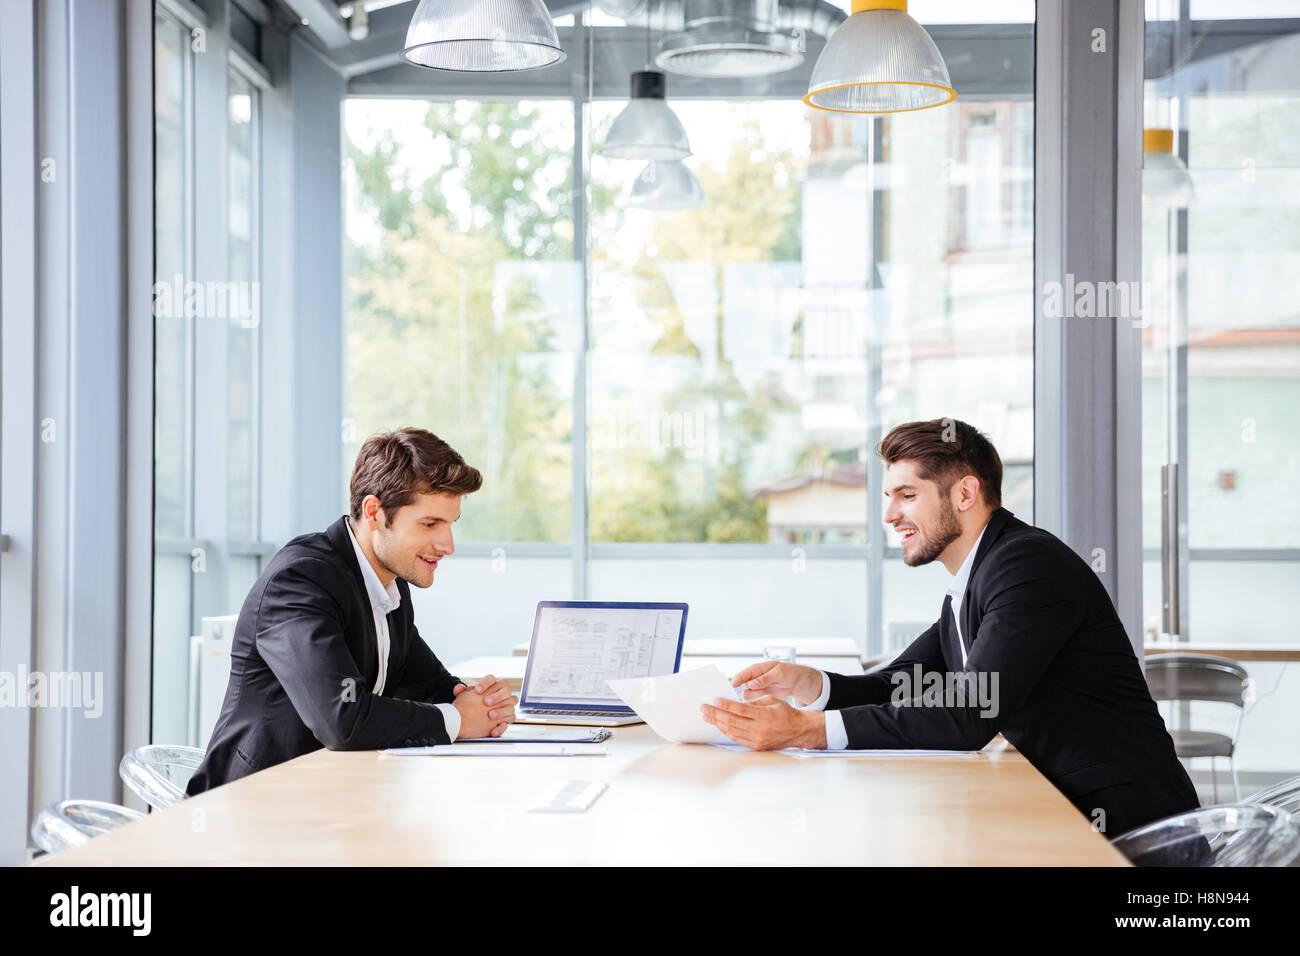 Deux jeunes hommes d'affaires heureux de travailler ensemble à l'aide de l'ordinateur portable sur business meeting Banque D'Images